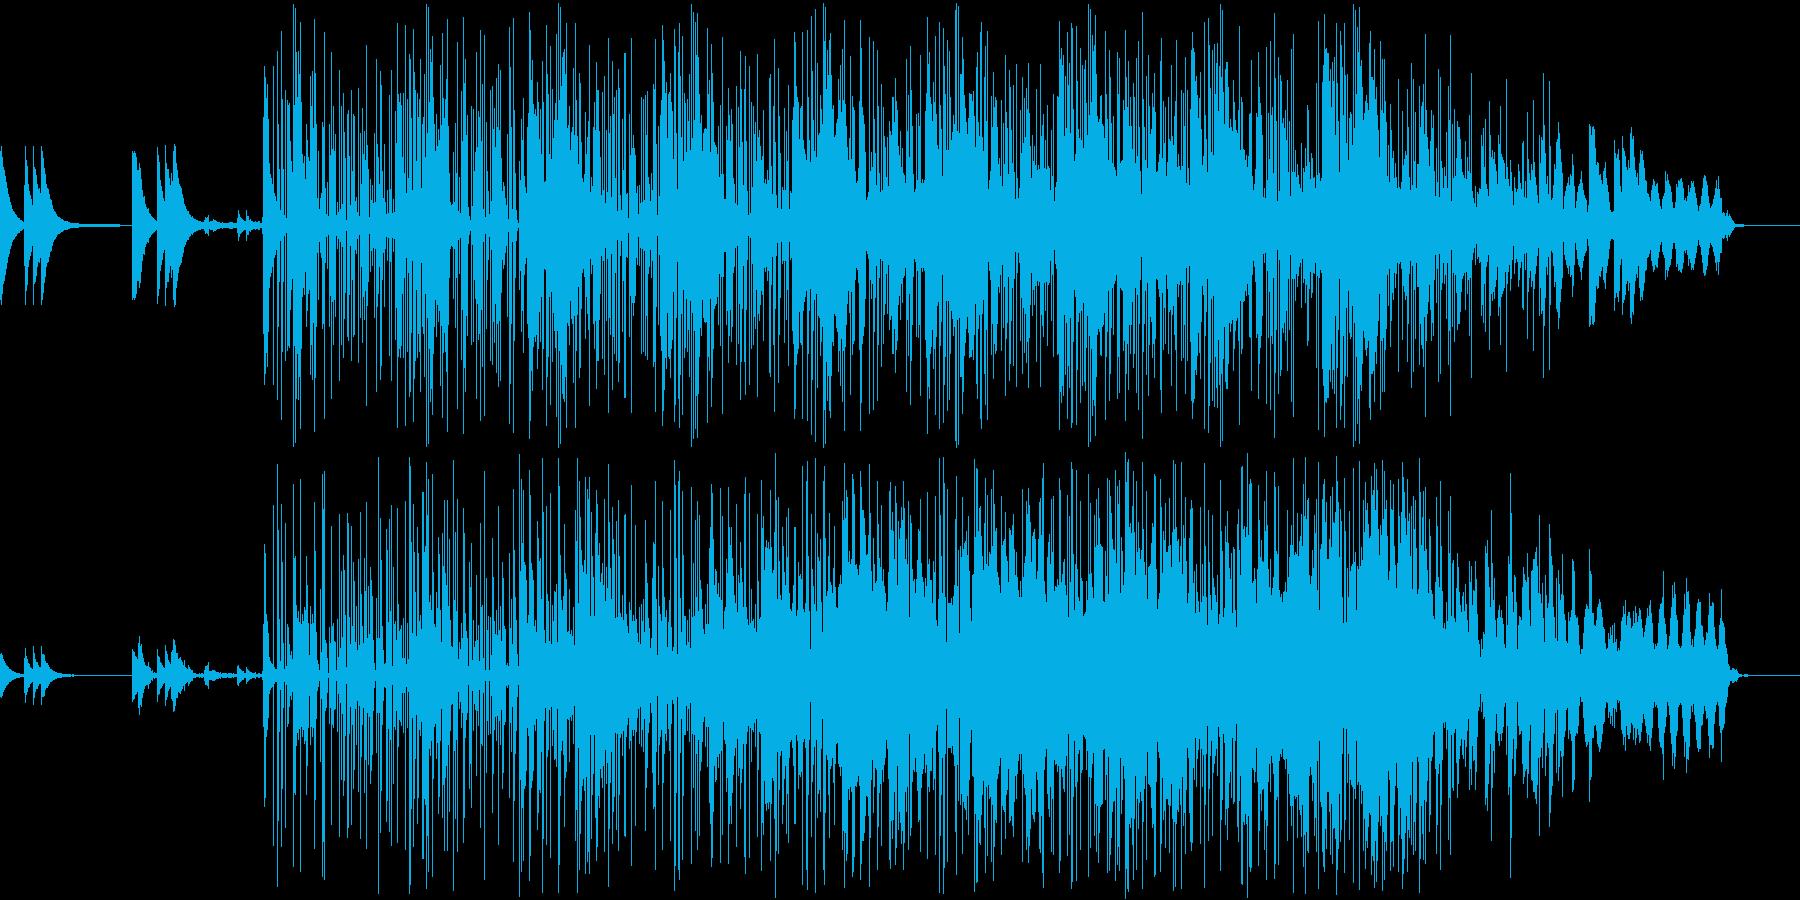 チープなギターとミニマムな空間BGMの再生済みの波形